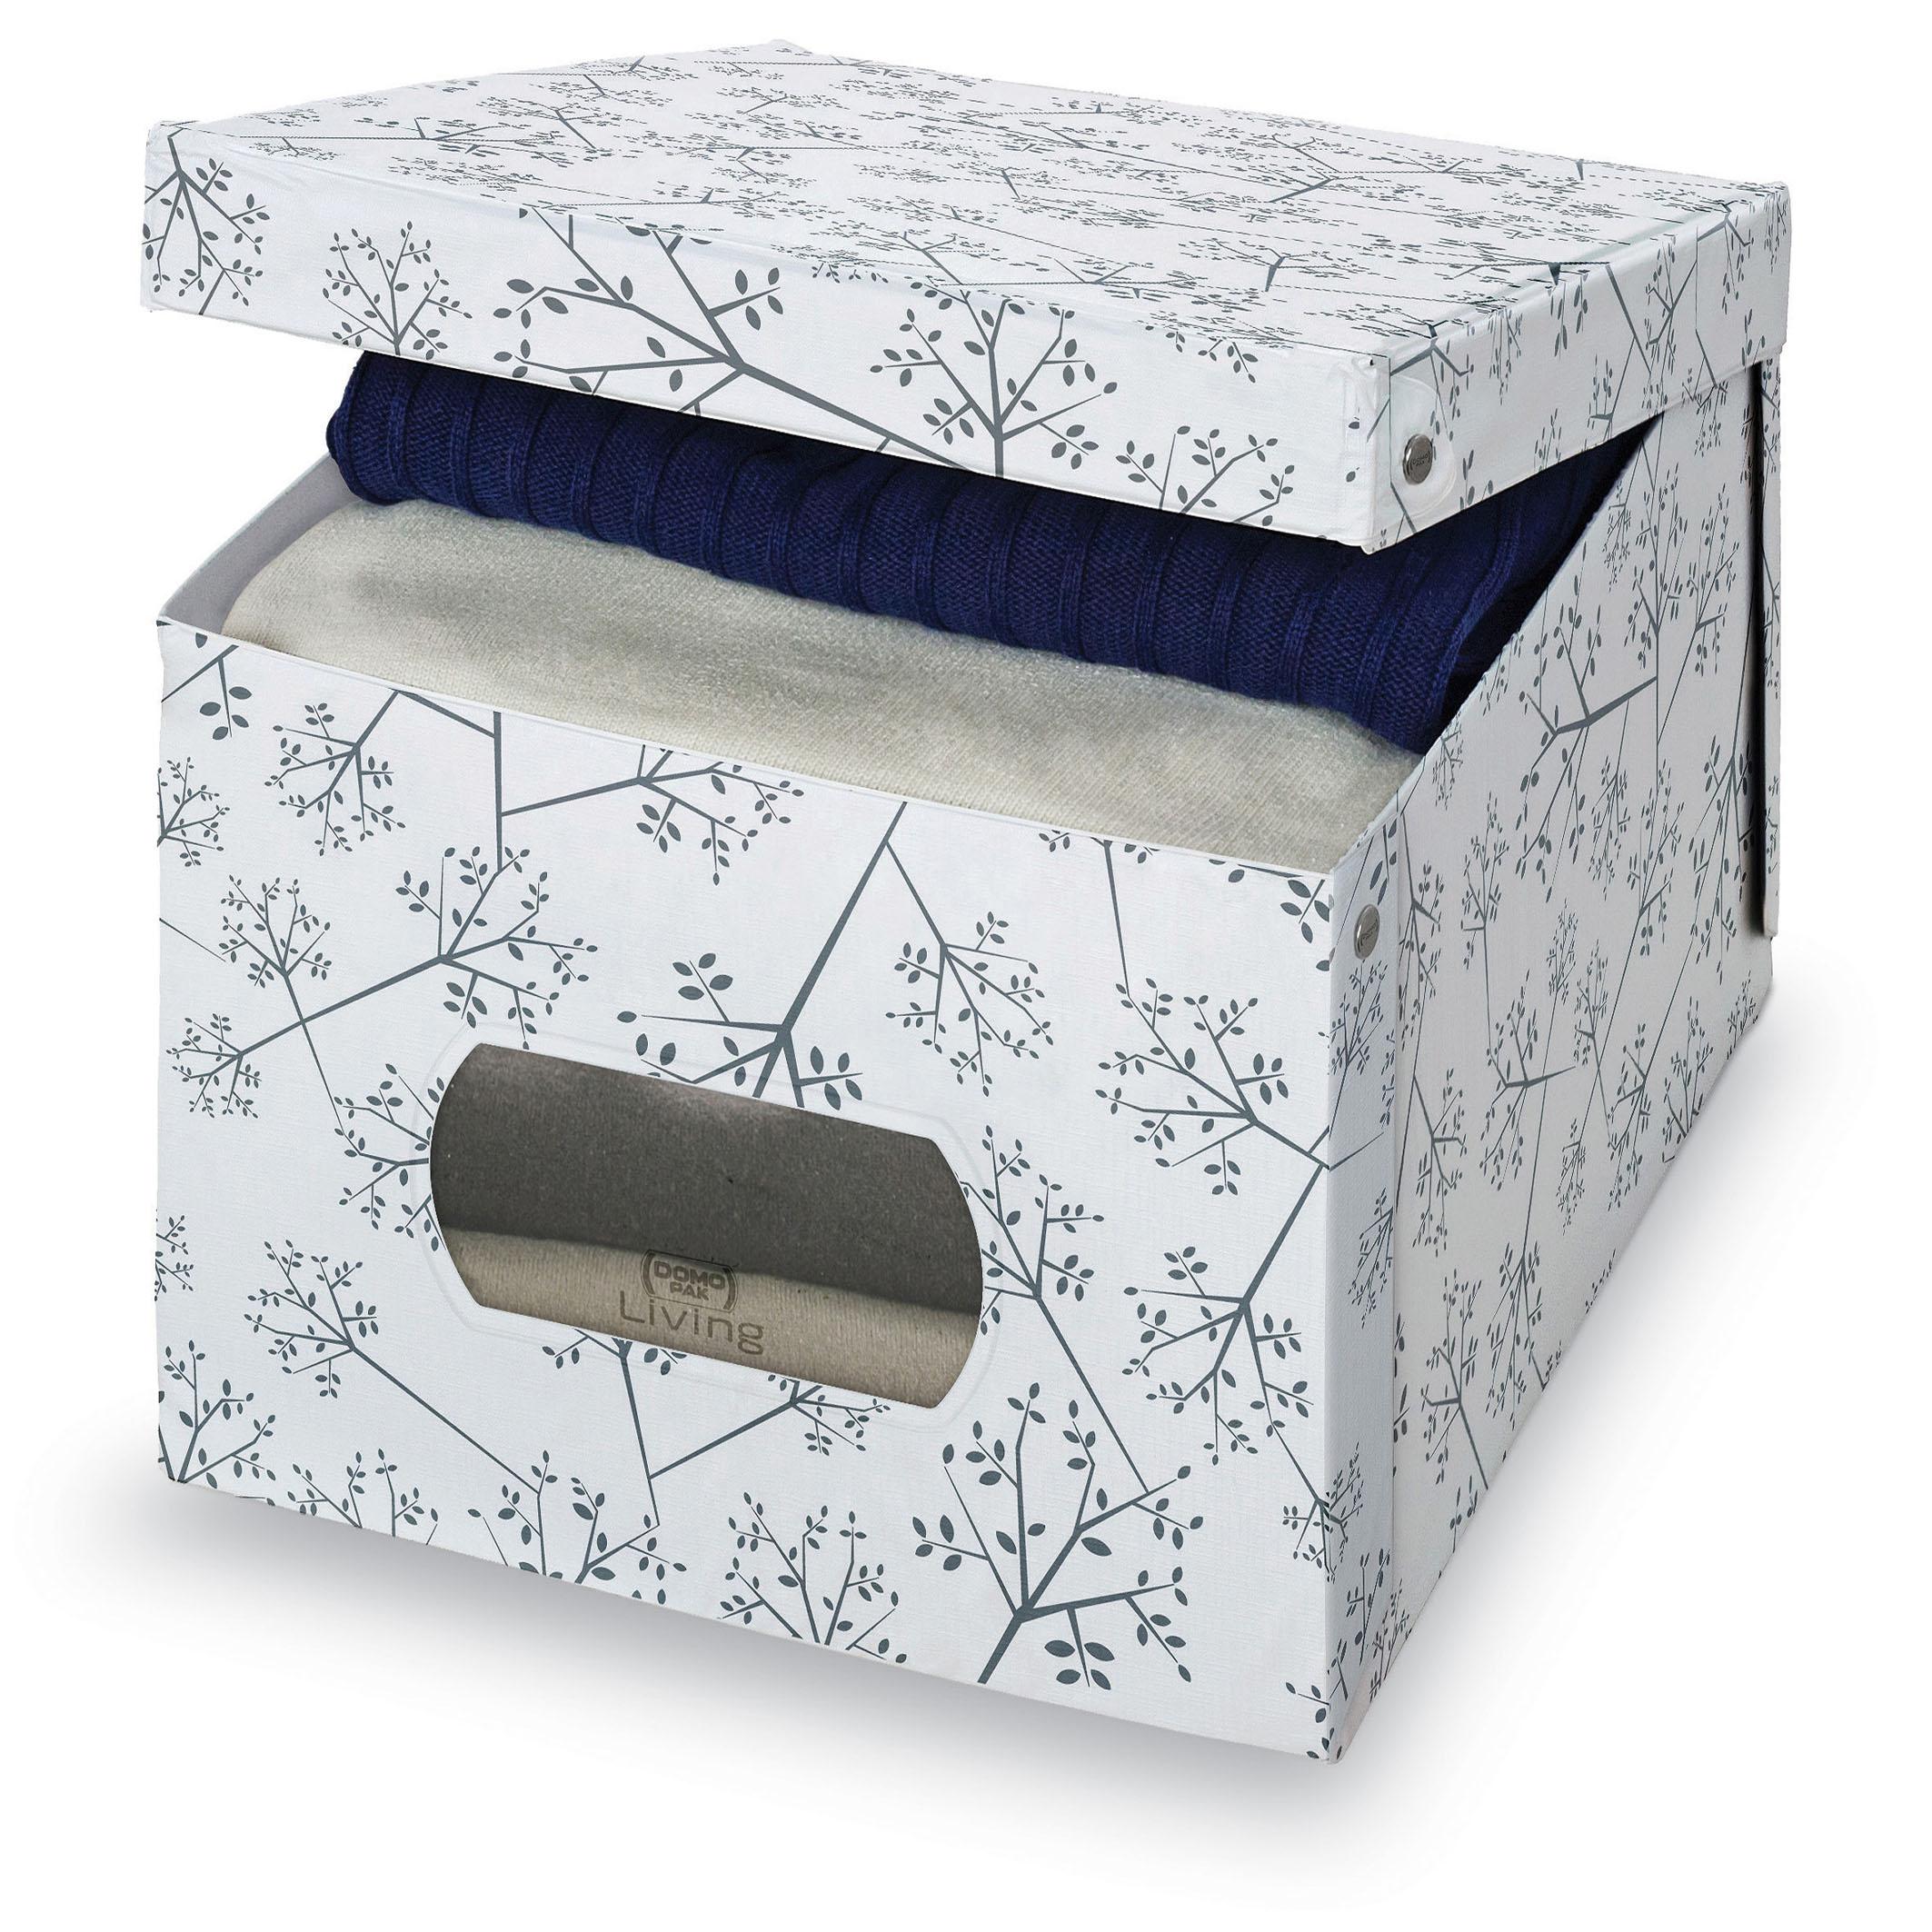 DOMOPAK Living Úložný box s oknem s květinami Velikost: menší